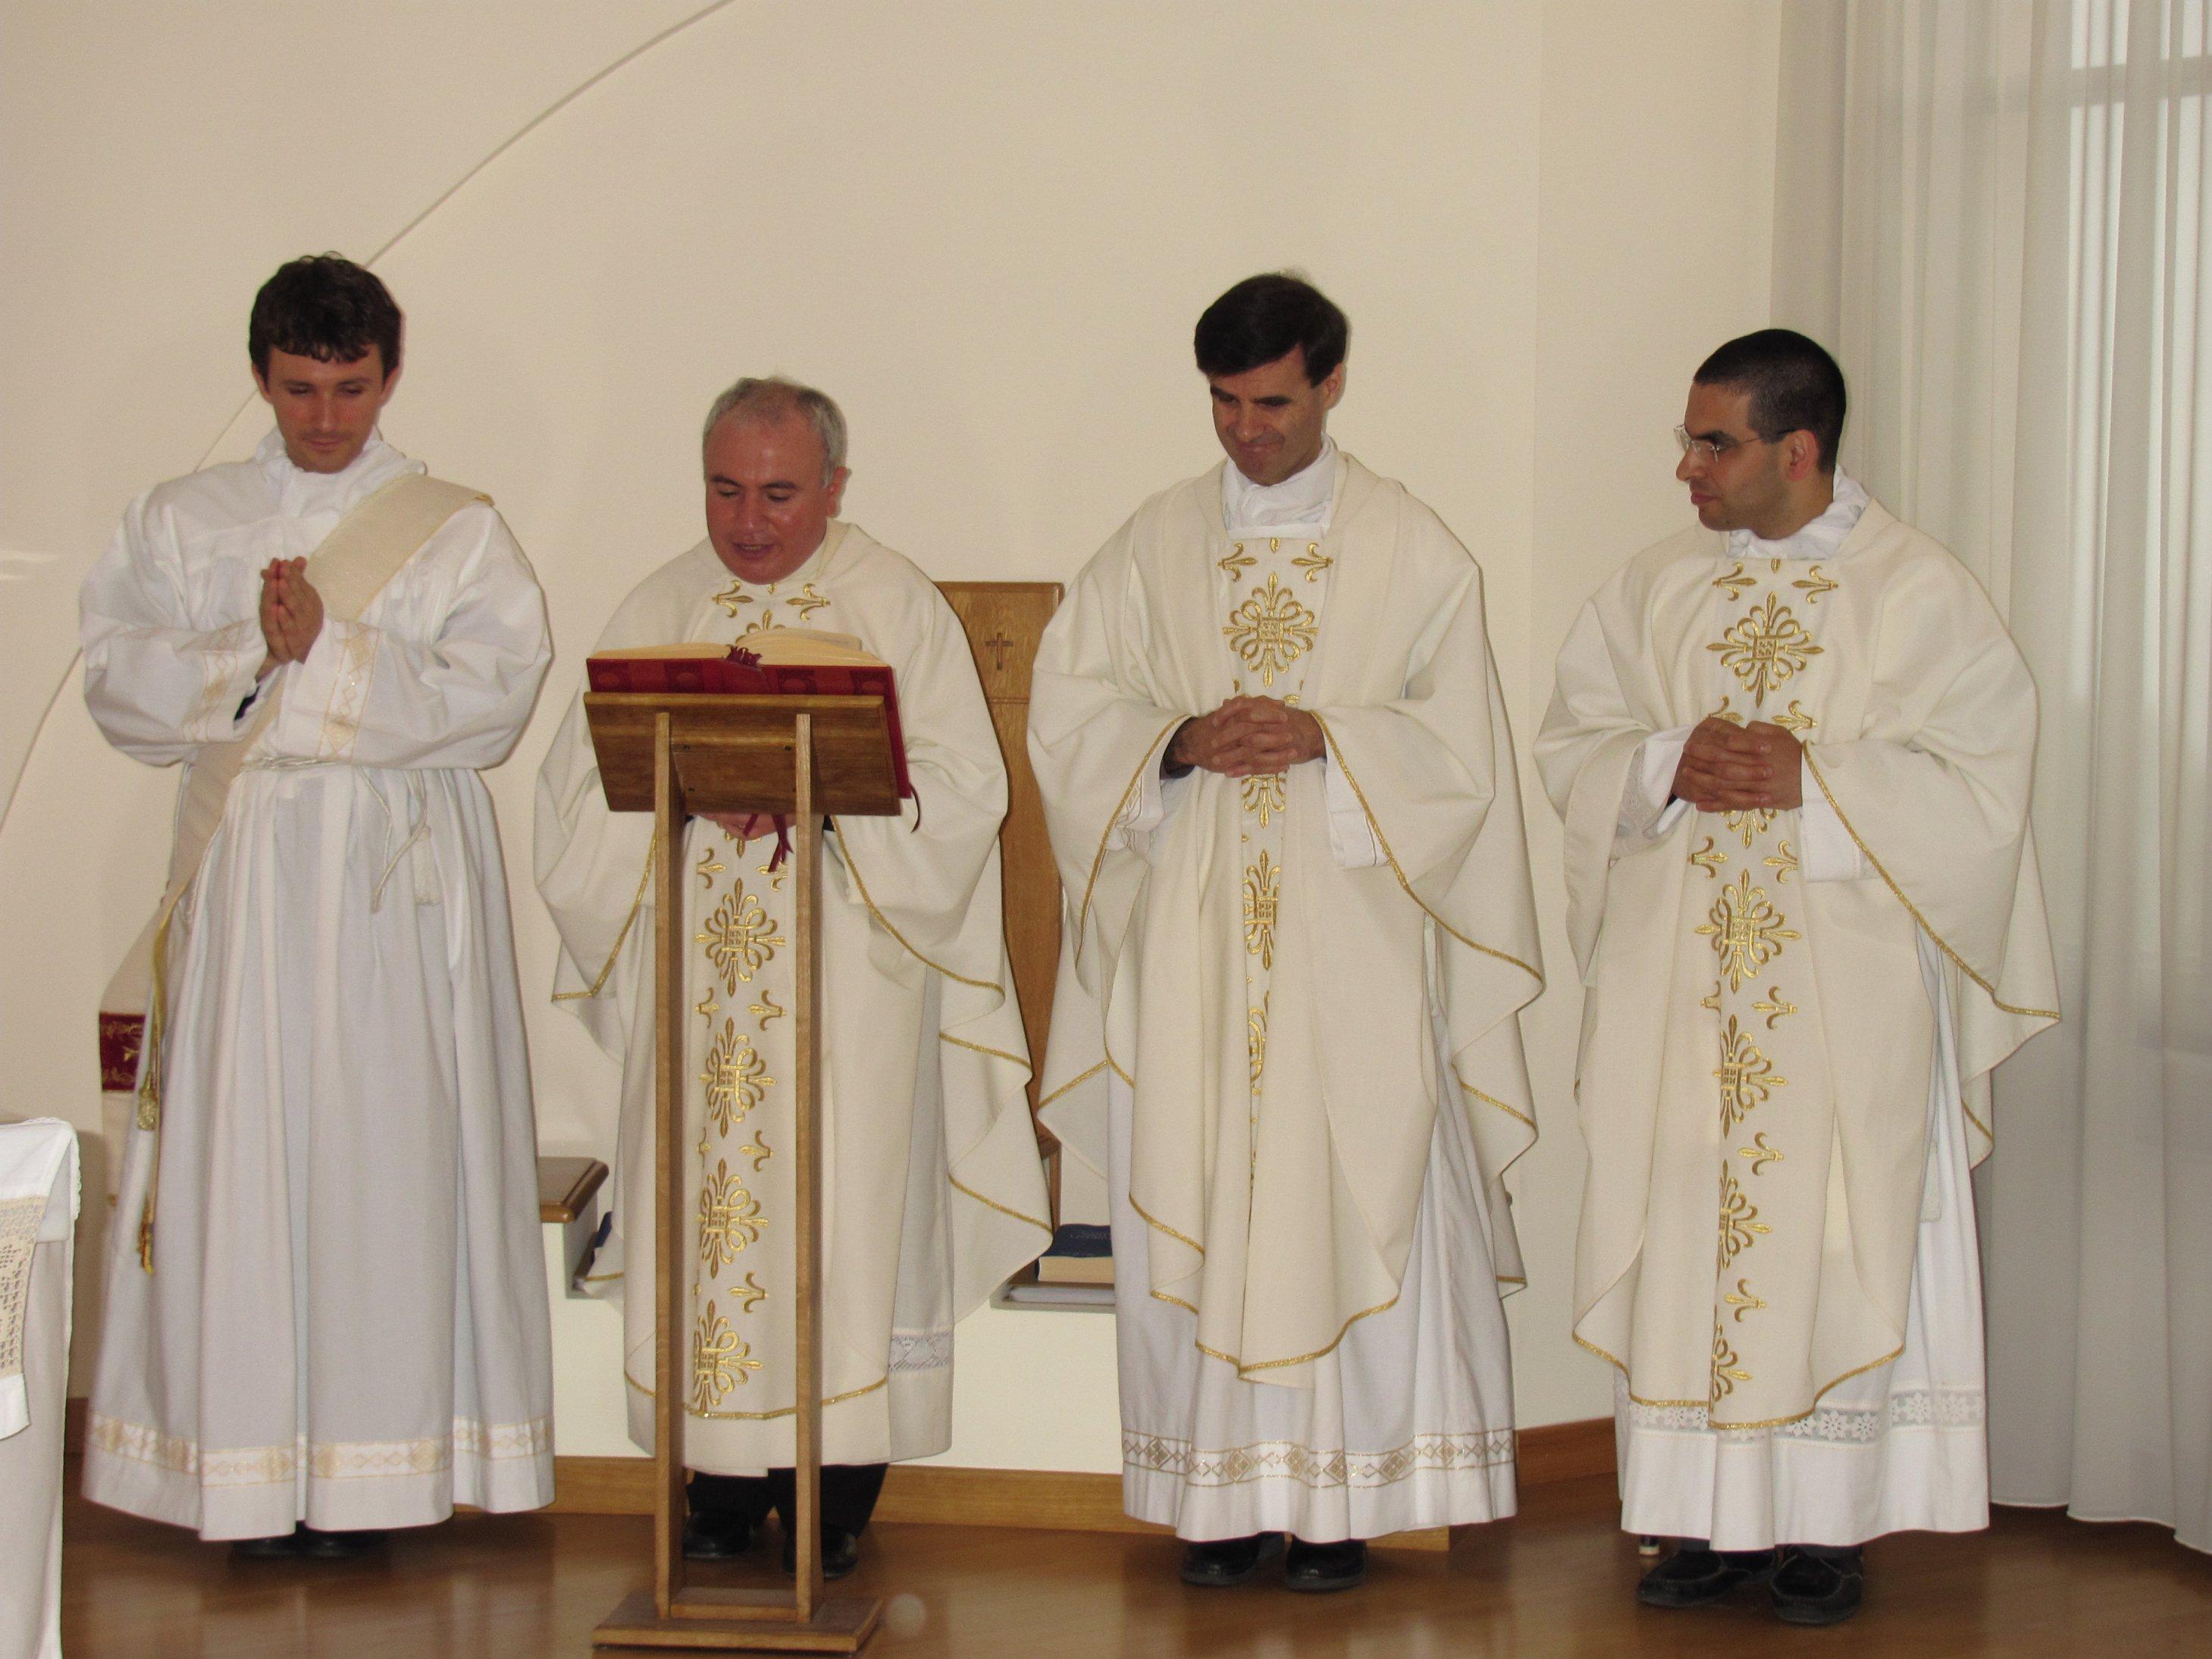 compagni_preti_20_anni_in_seminario_2012-06-09-07-16-21